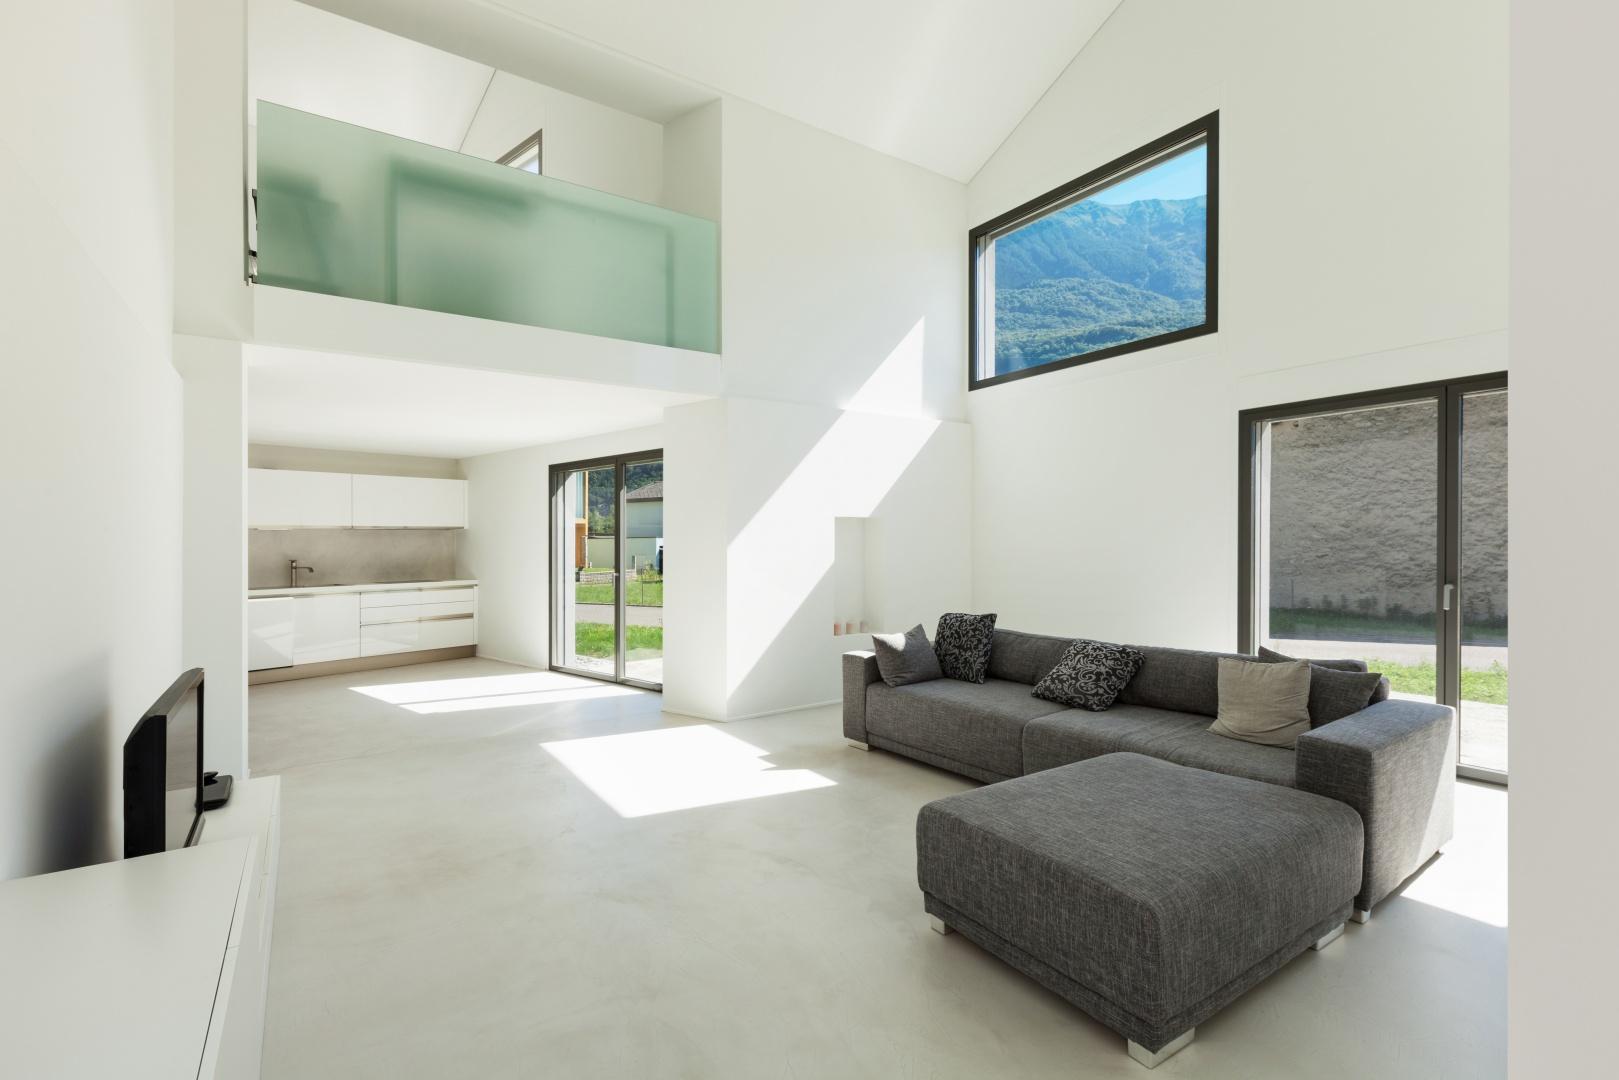 Innenraum Wohnzimmer und Küche  © Alexandre Zveiger, Lugano, CH